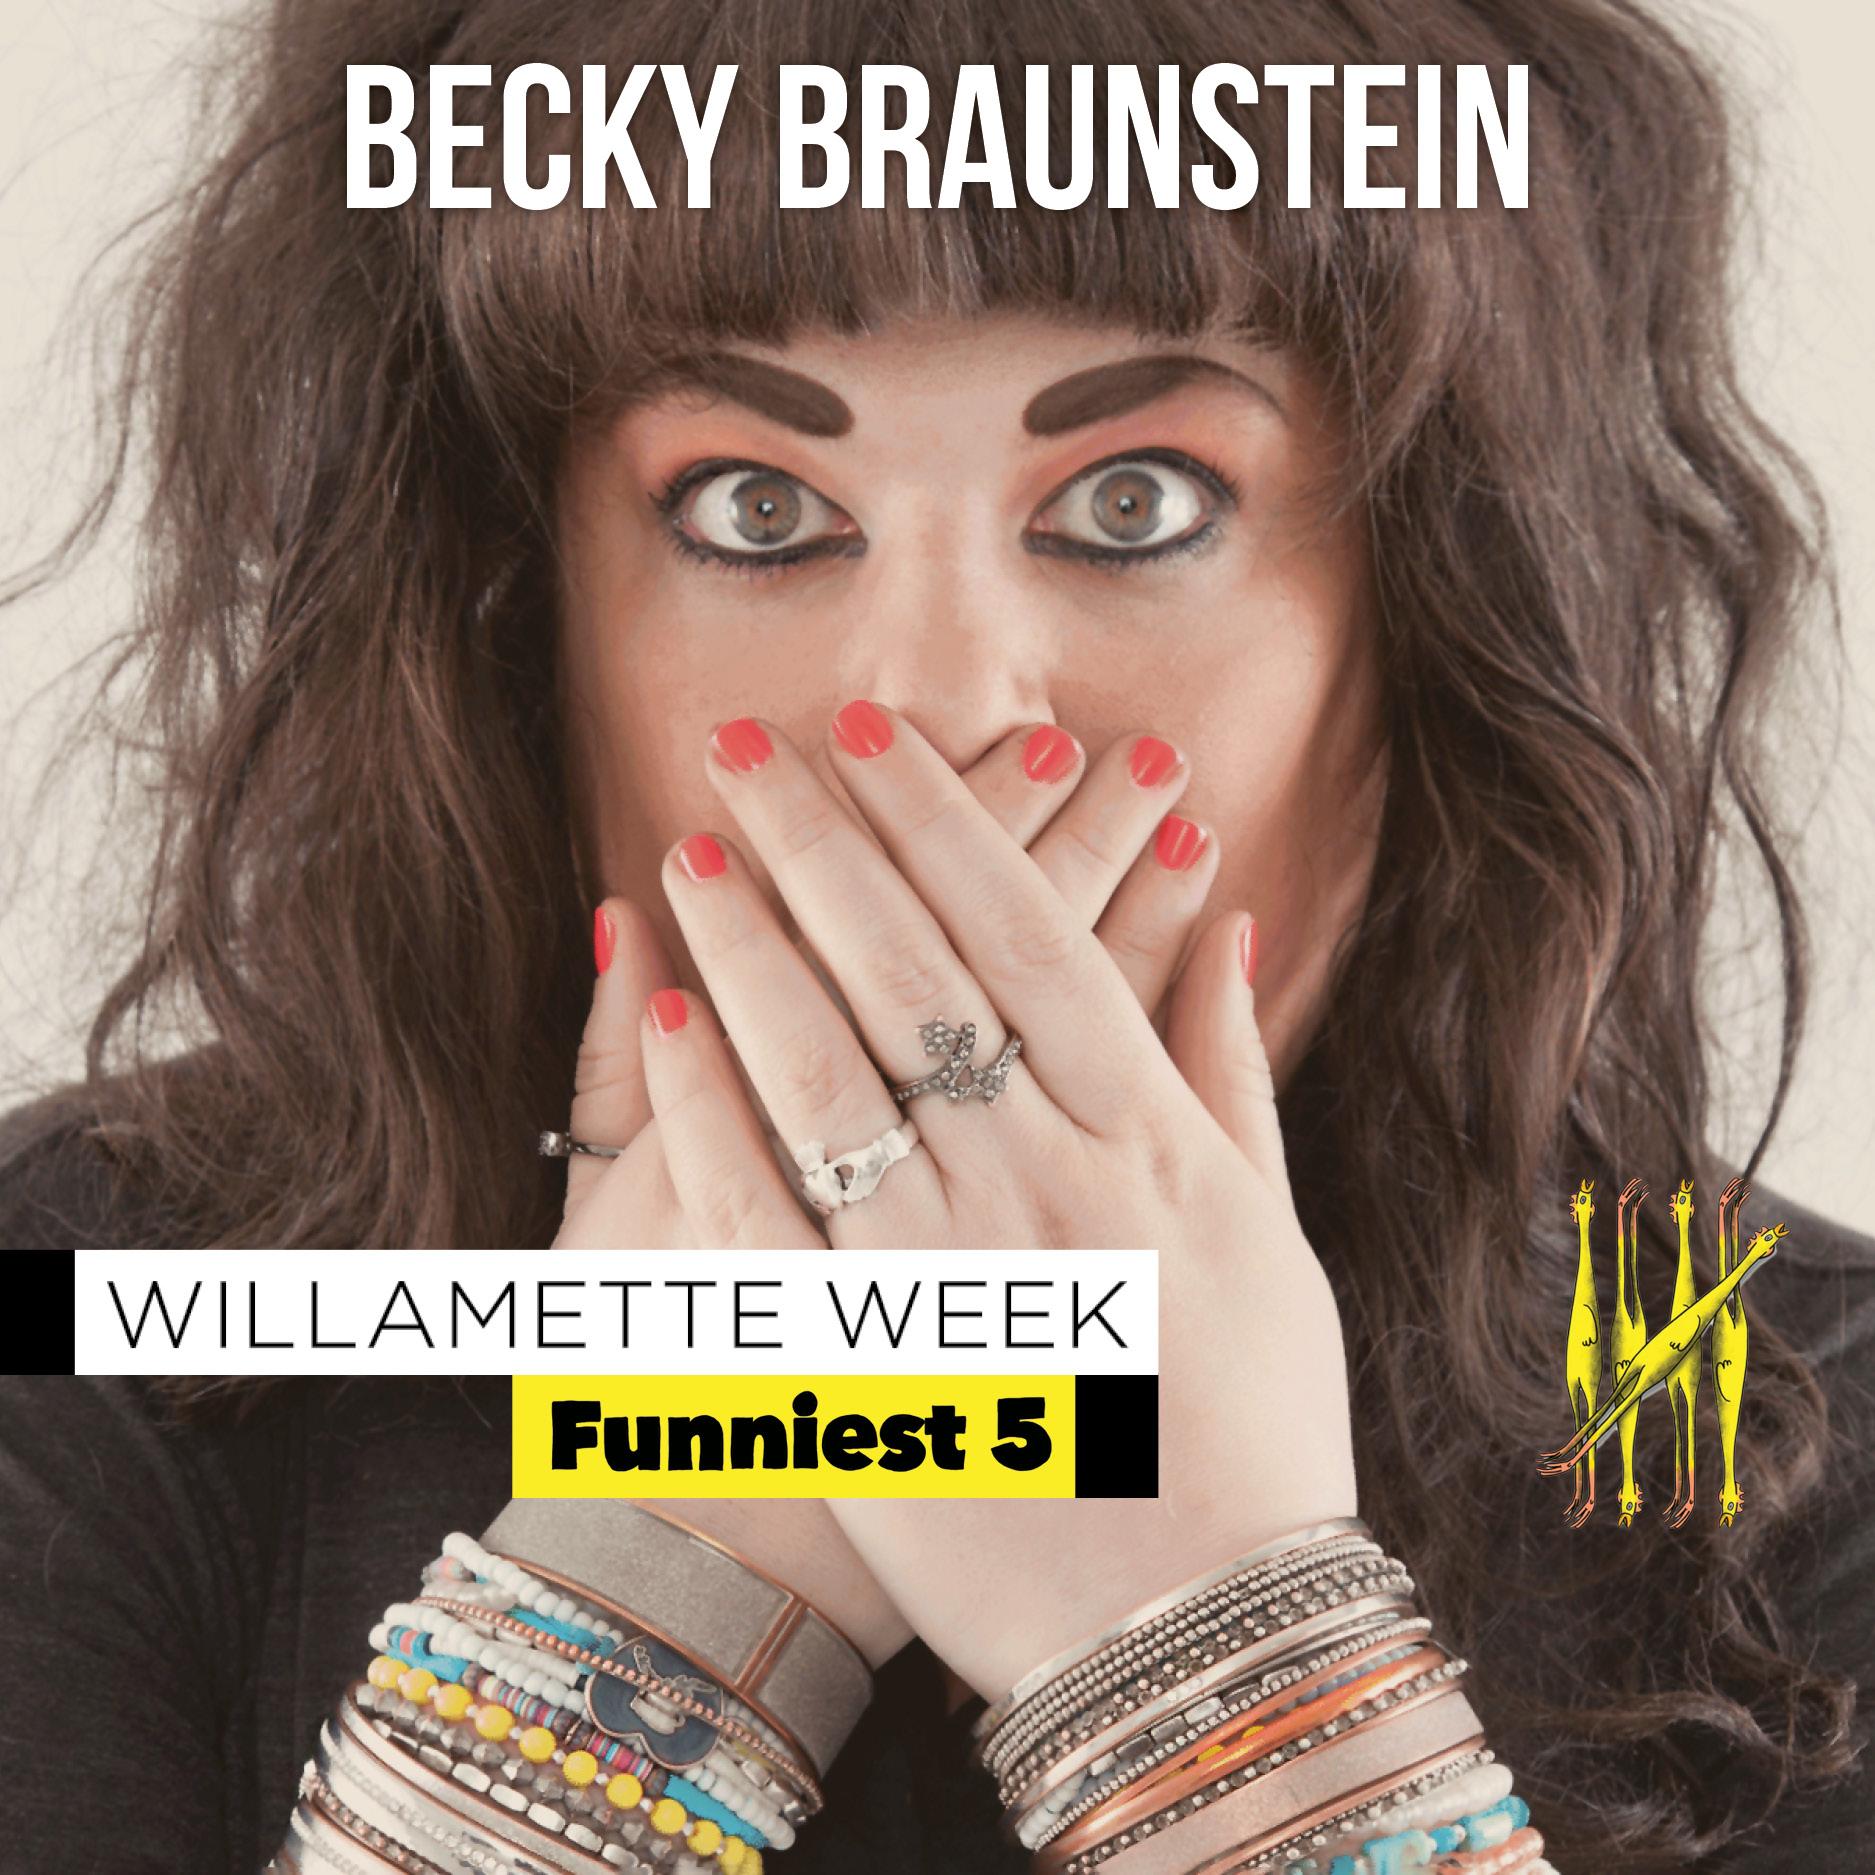 Becky Braunstein Funniest Five